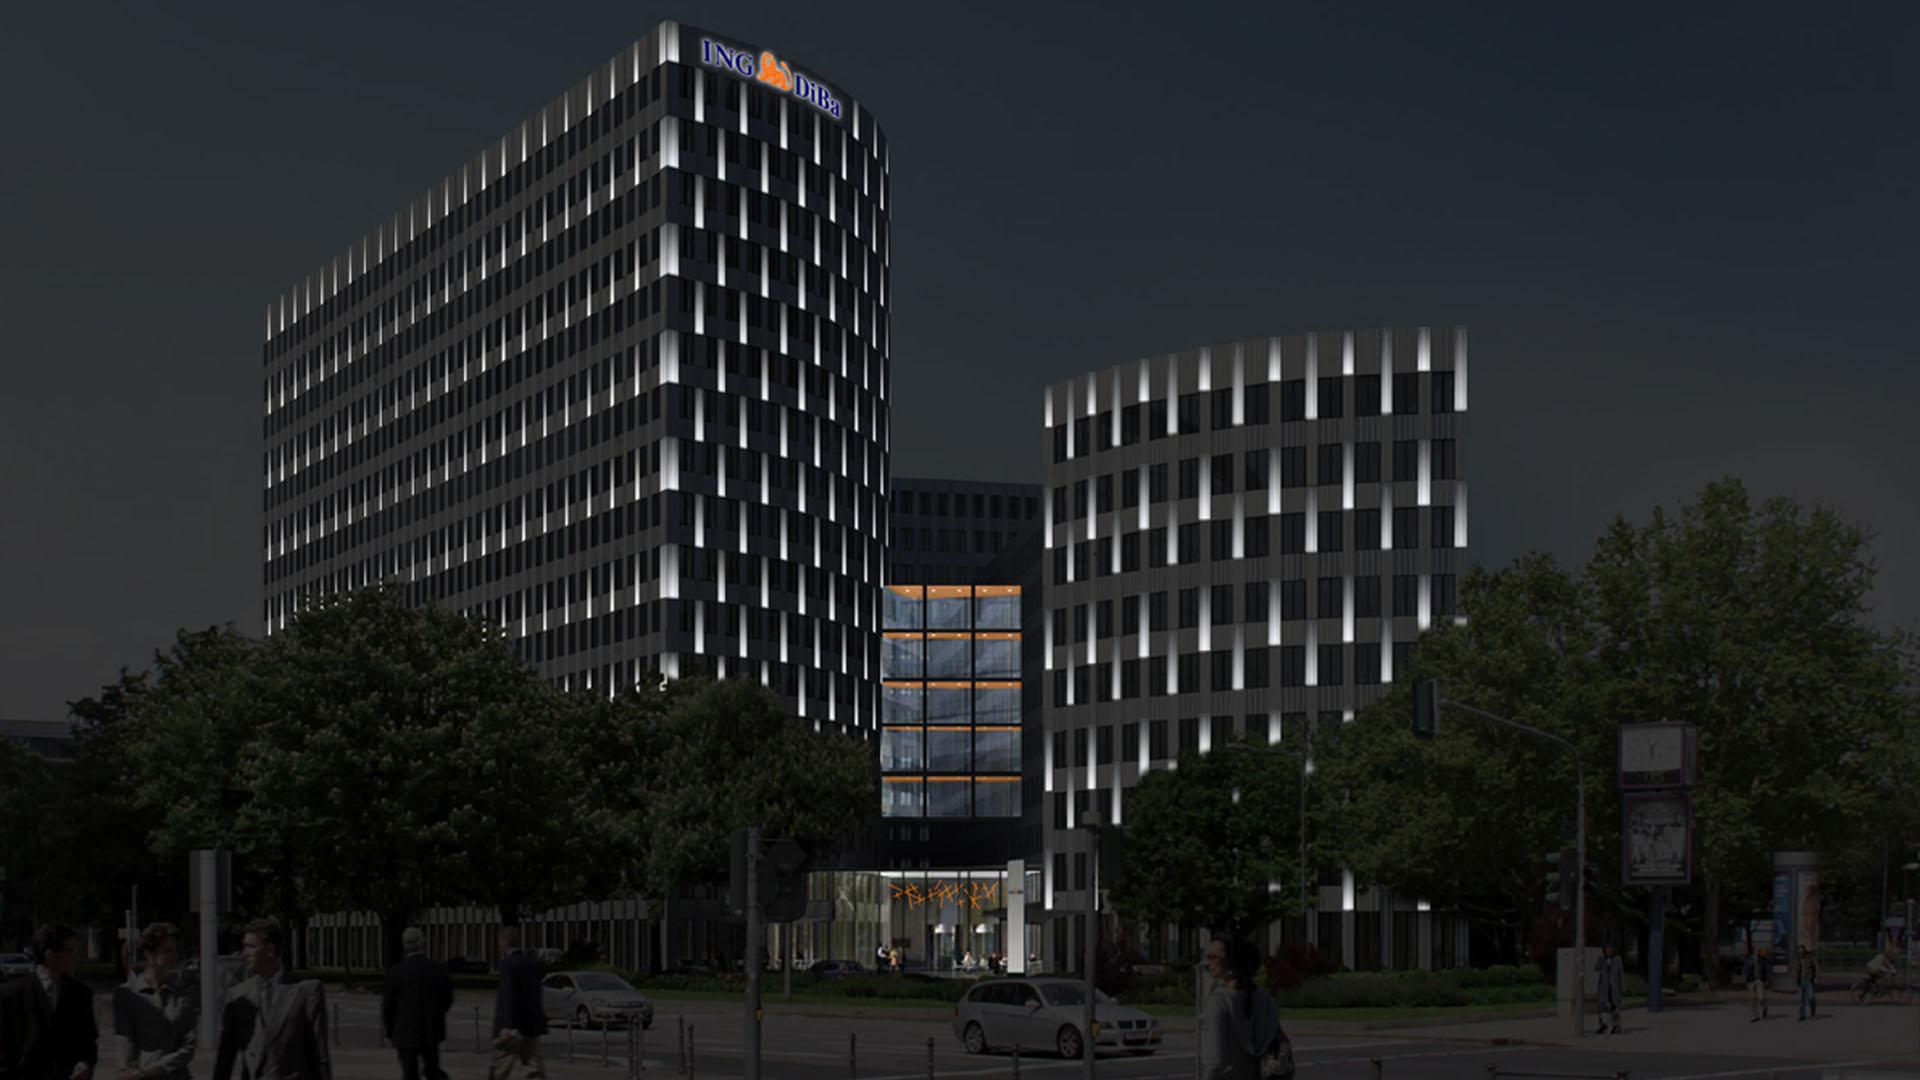 MAASS-Lichtplanung_Konzept Fassadenbeleuchtung ING-DiBa__MAASS-Poseidonhaus-003